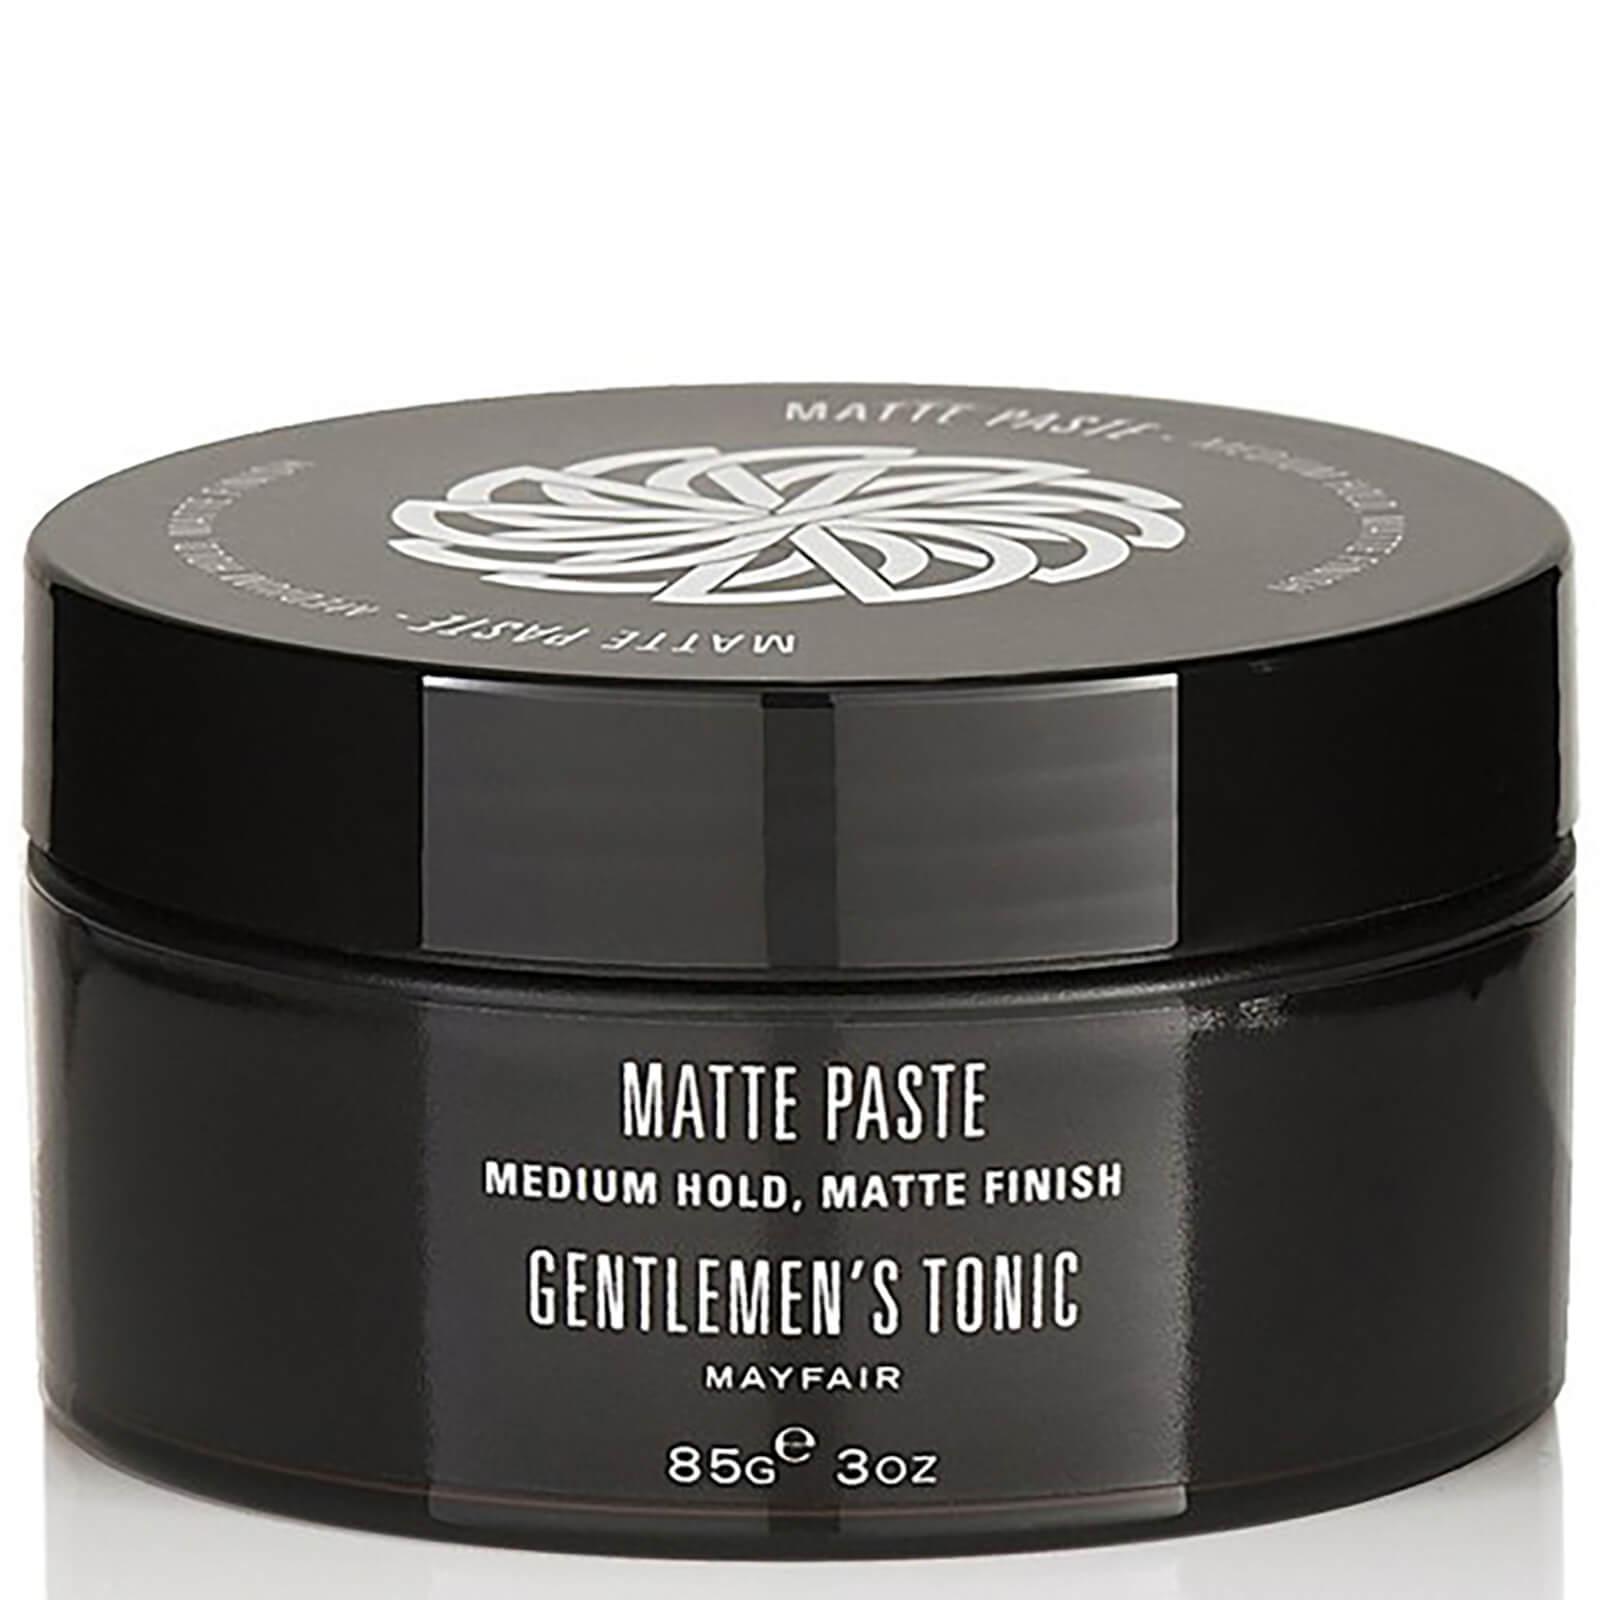 Gentlemen's Tonic Cire coiffantemat Gentlemen's Tonic(85g)